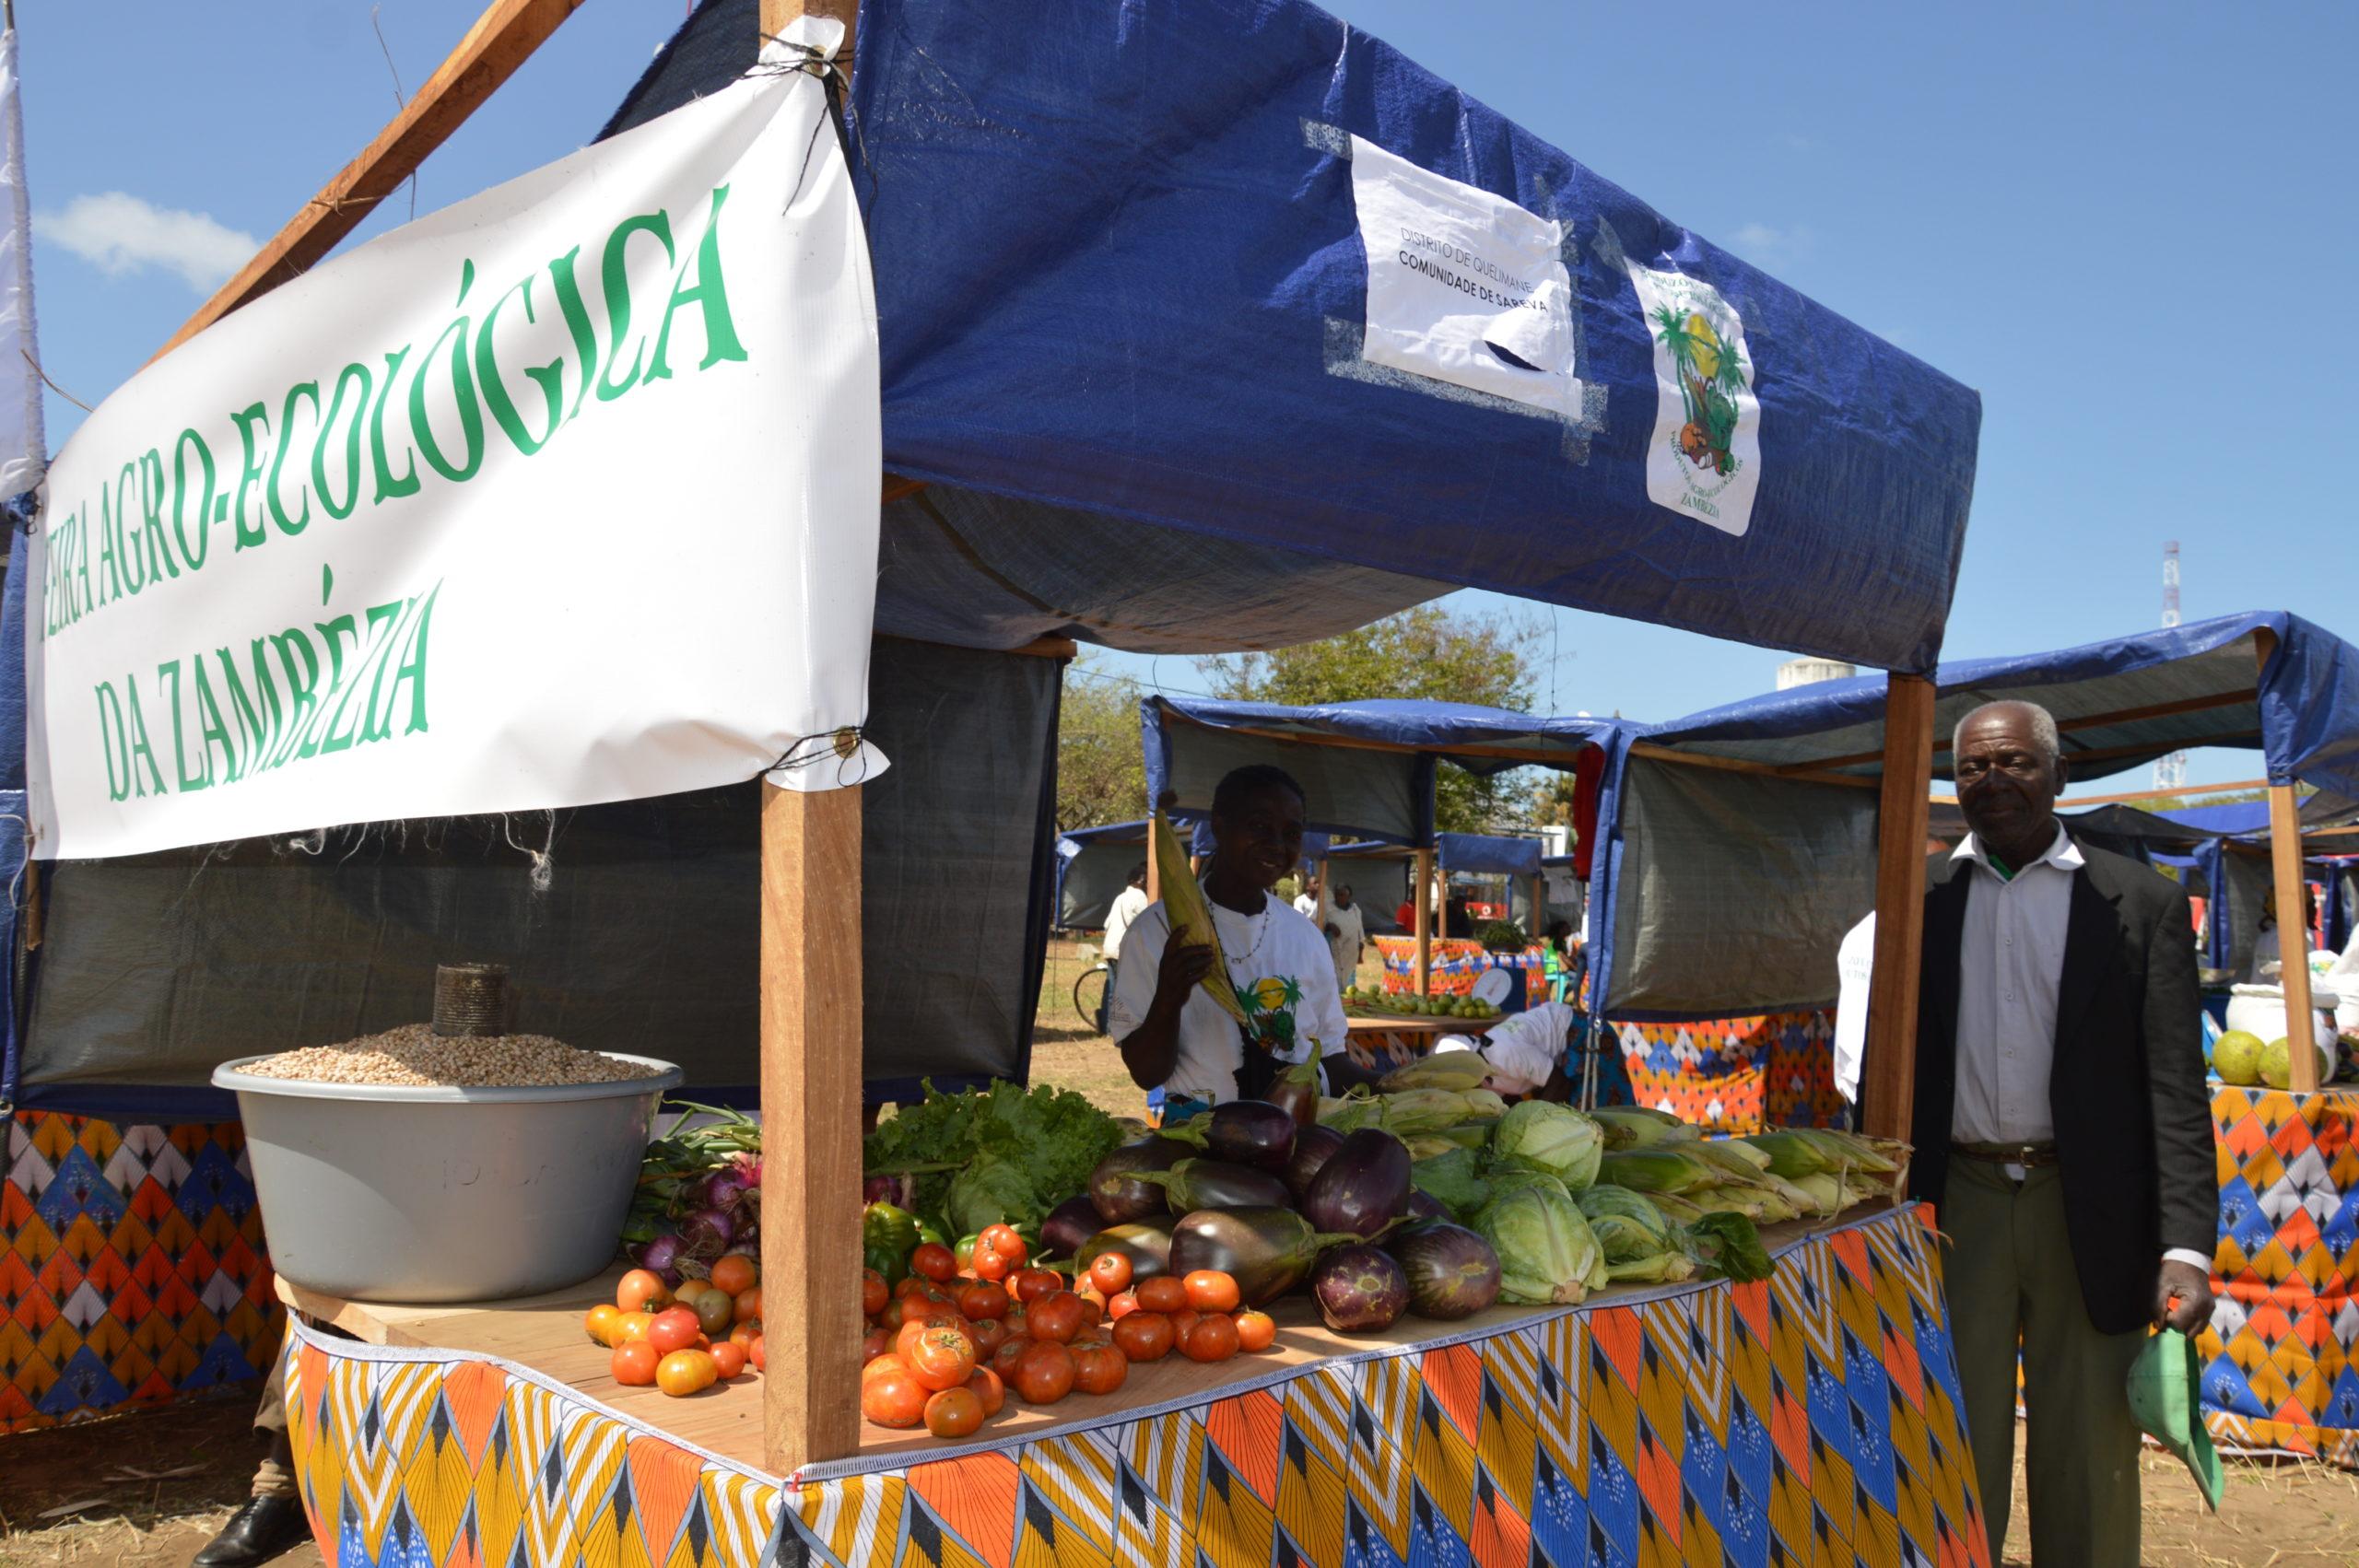 feira agroecologica mozambico mani tese 2019 (2)